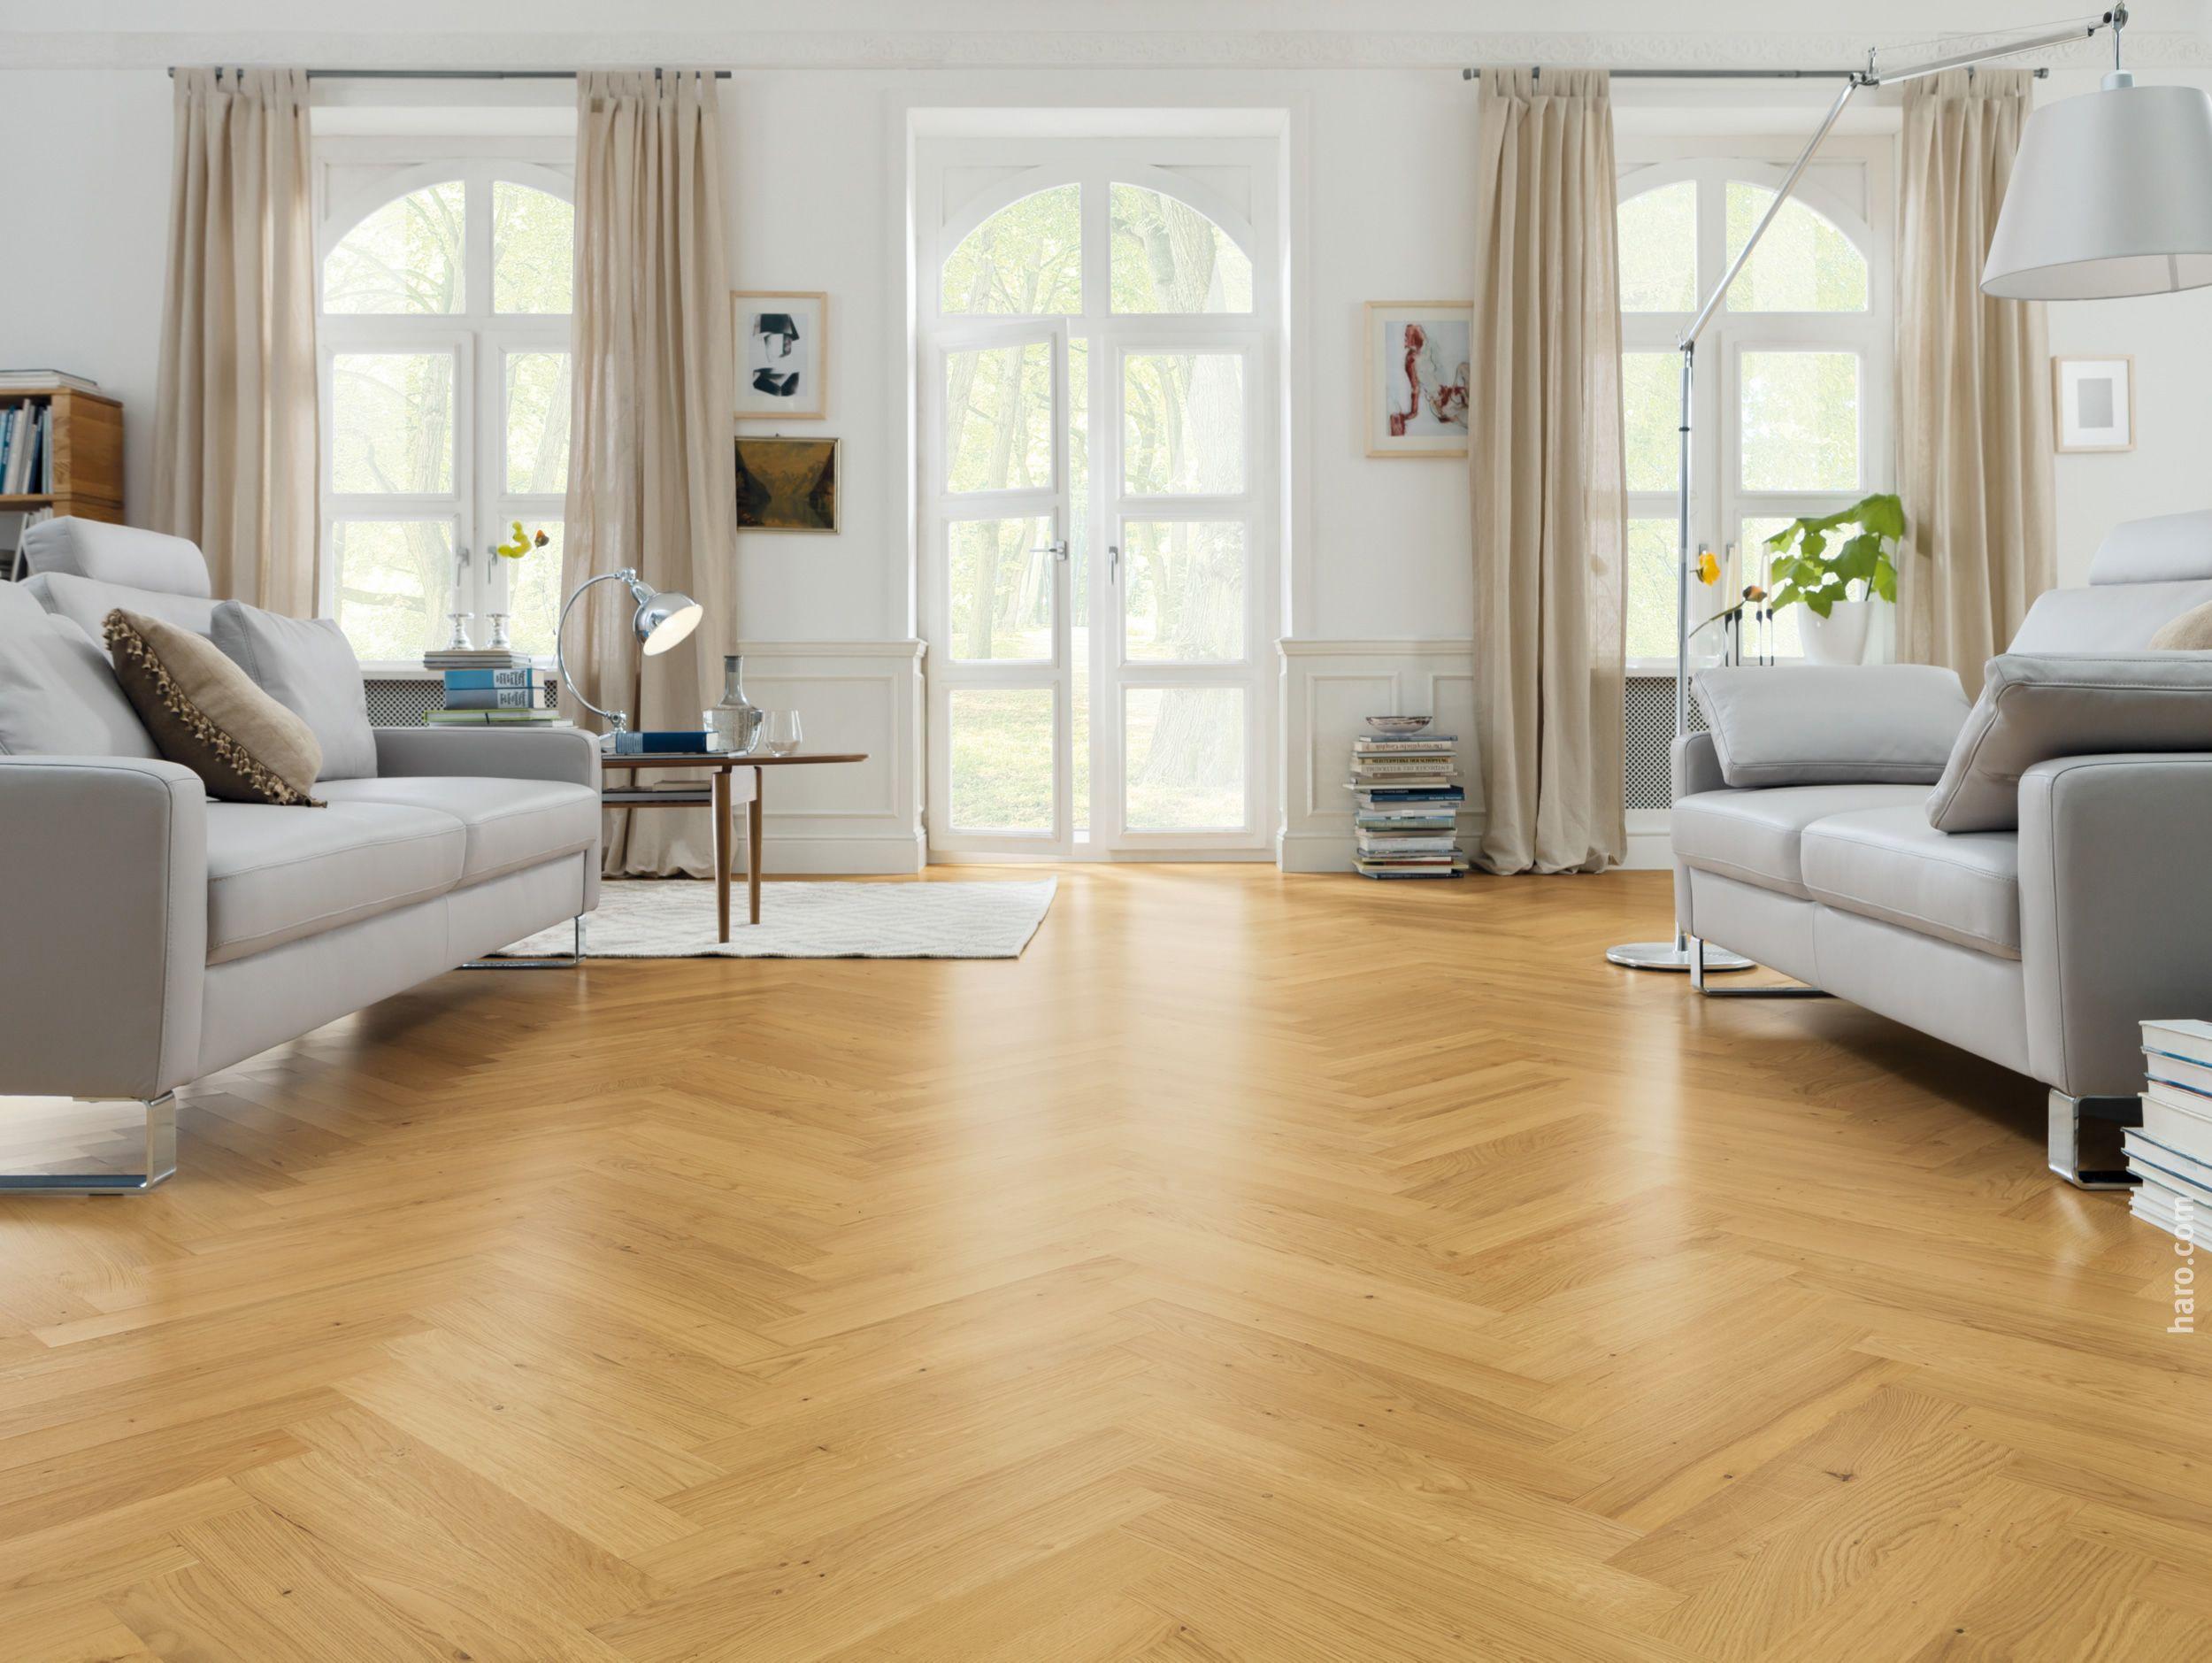 haro professional parkett 4000 stab allegro eiche terra living room wohnzimmer pinterest. Black Bedroom Furniture Sets. Home Design Ideas